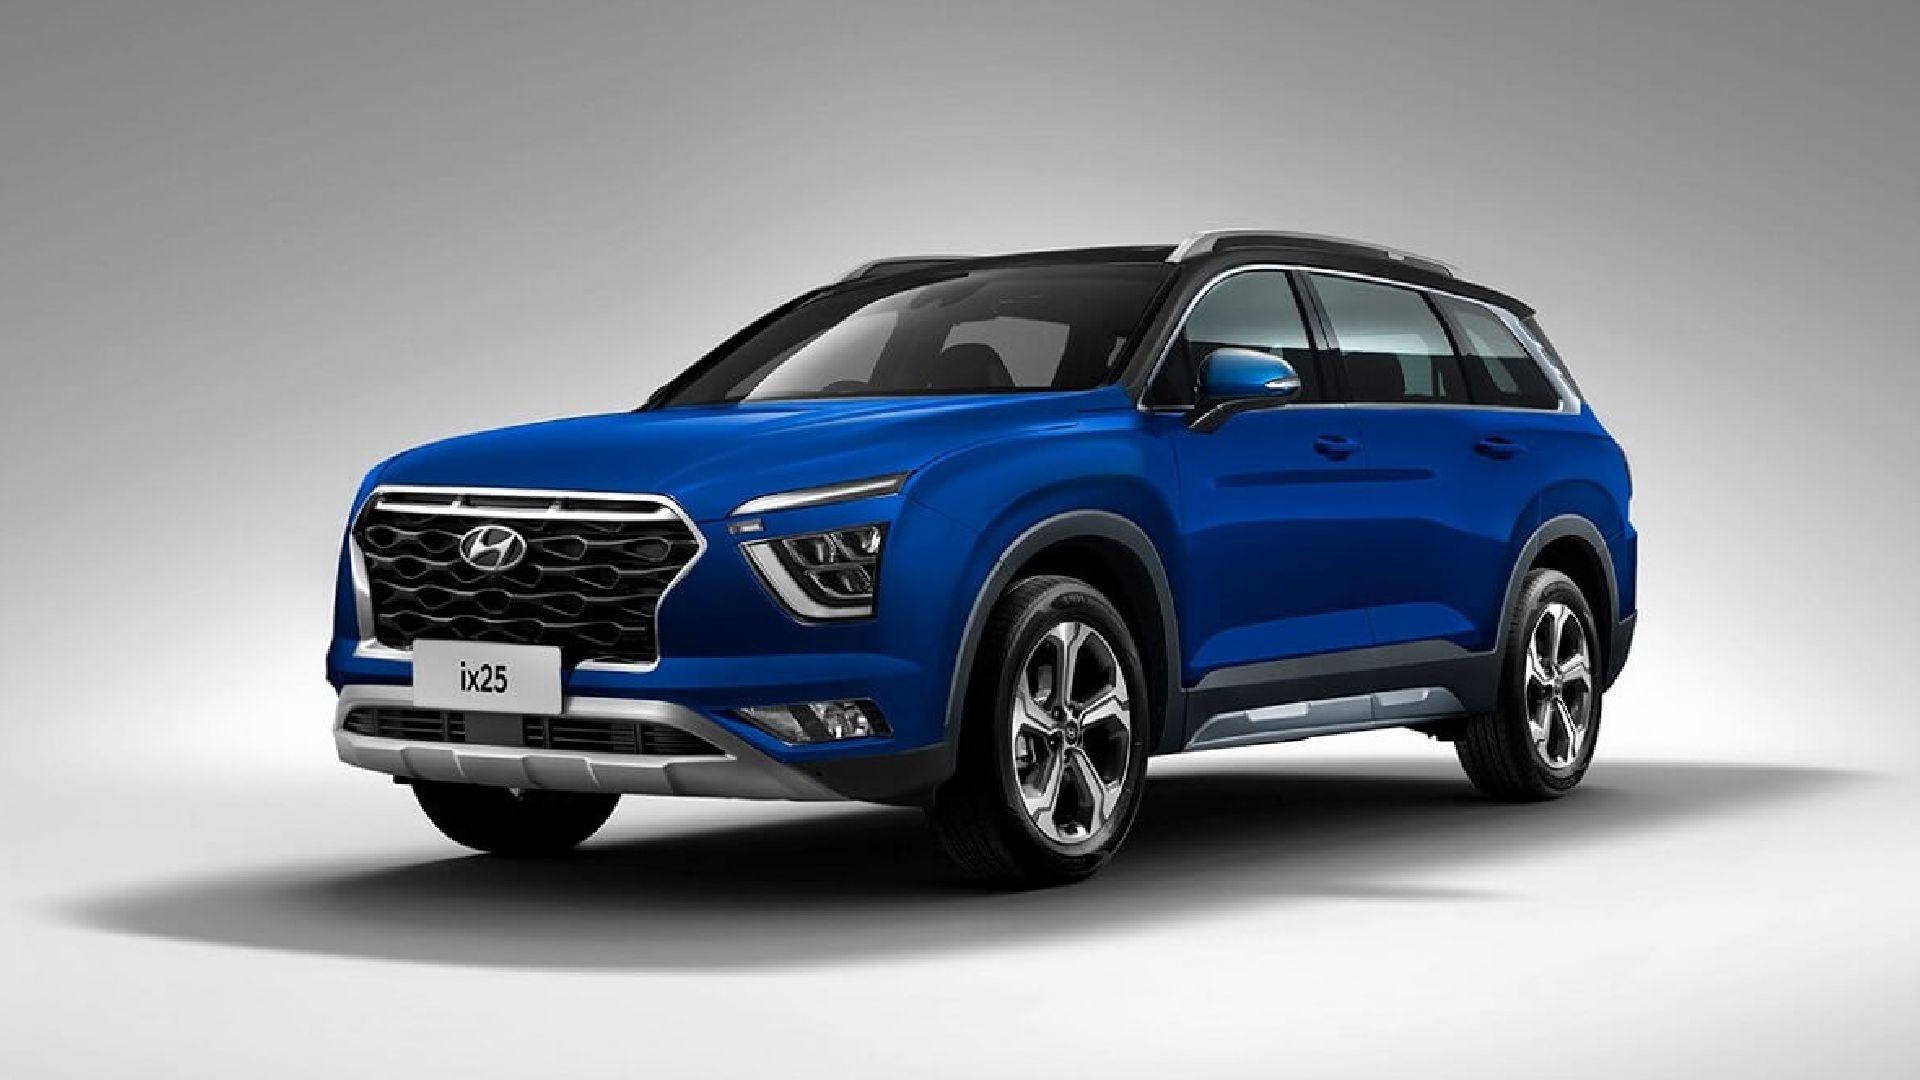 Hyundai Alcazar confirmado, el nuevo SUV de siete asientos (Creta XL)